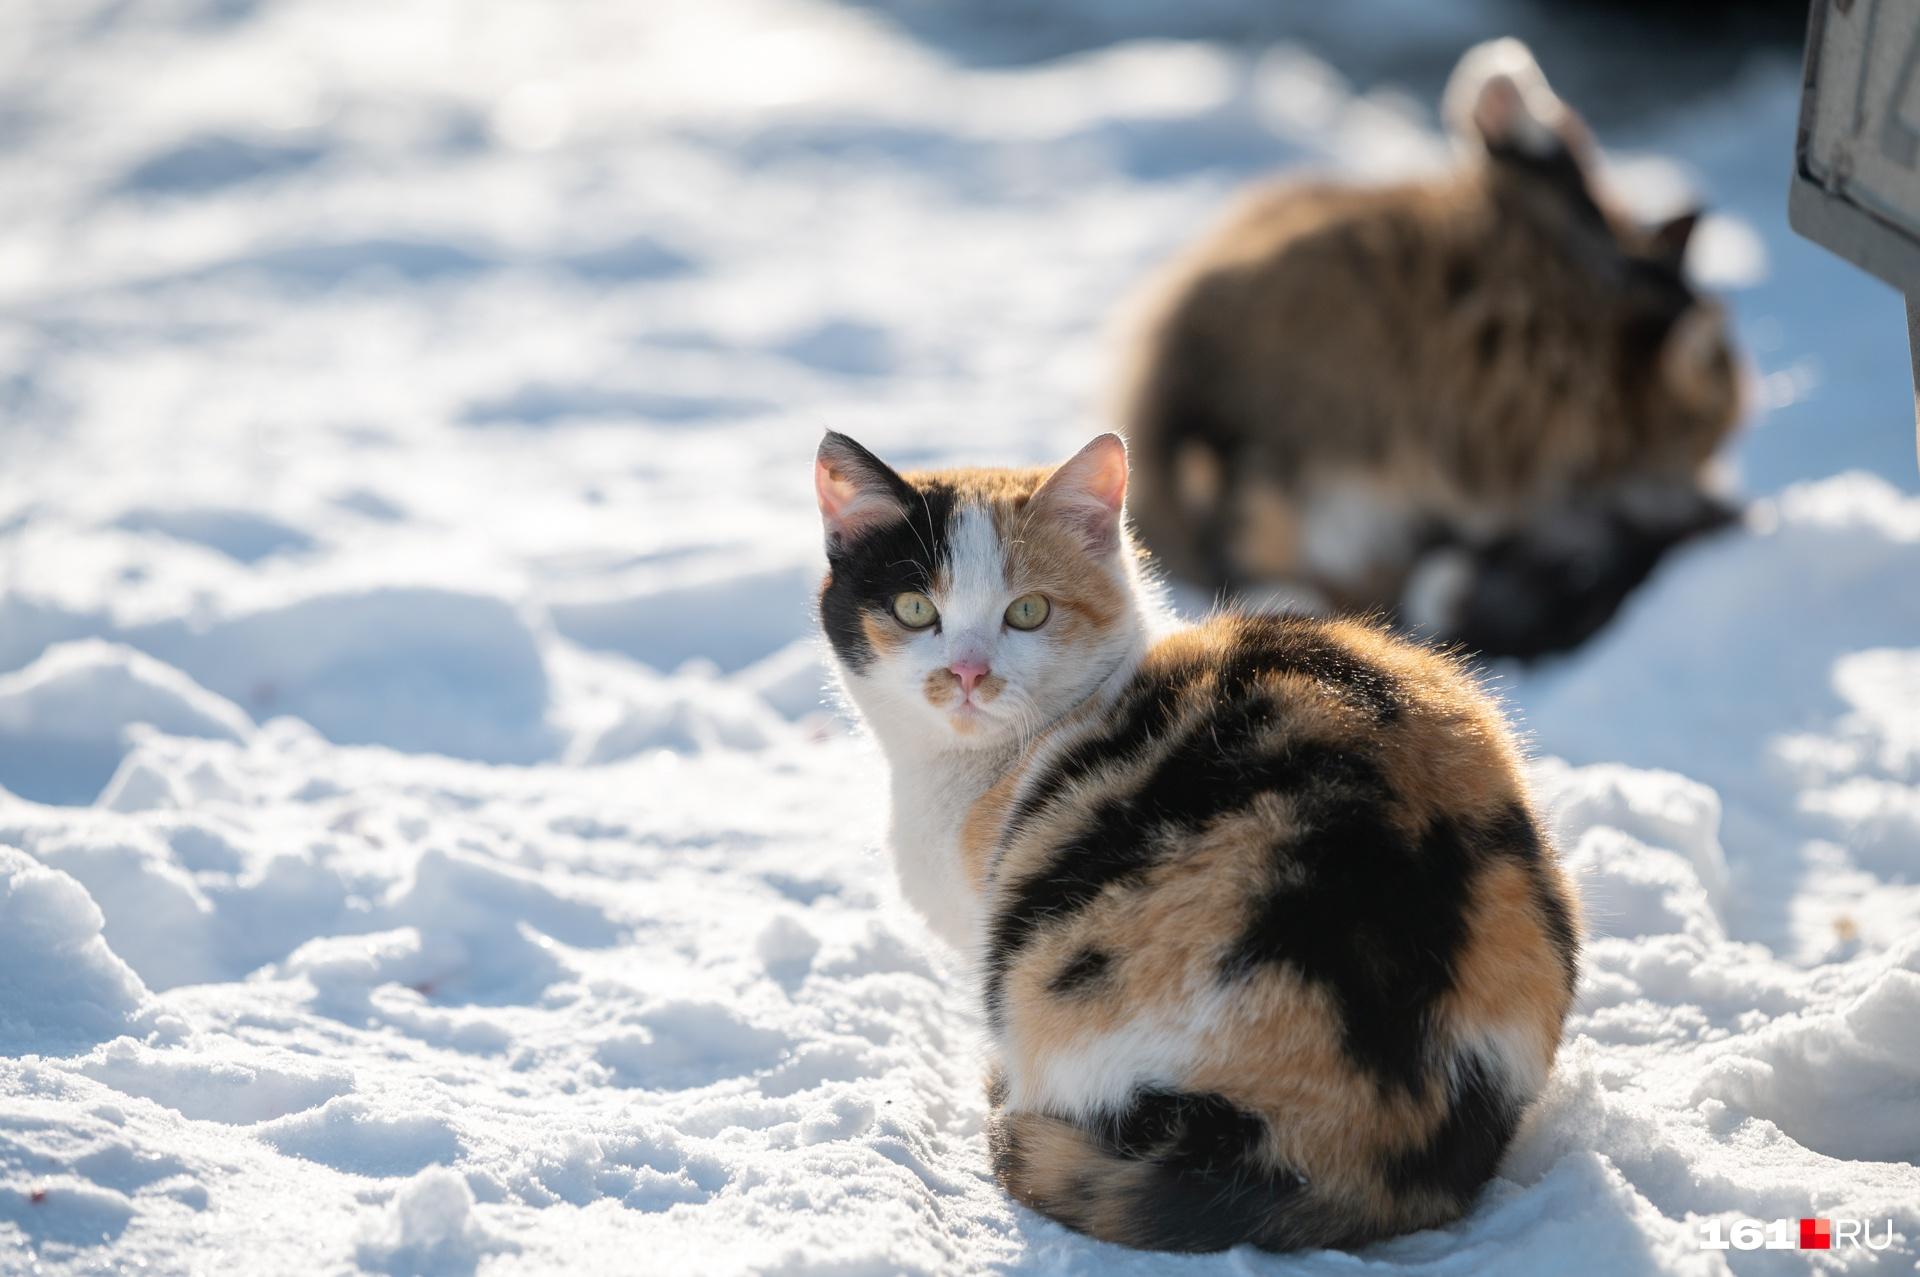 Наш фотограф никогда не отказывает себе в удовольствии поснимать котиков